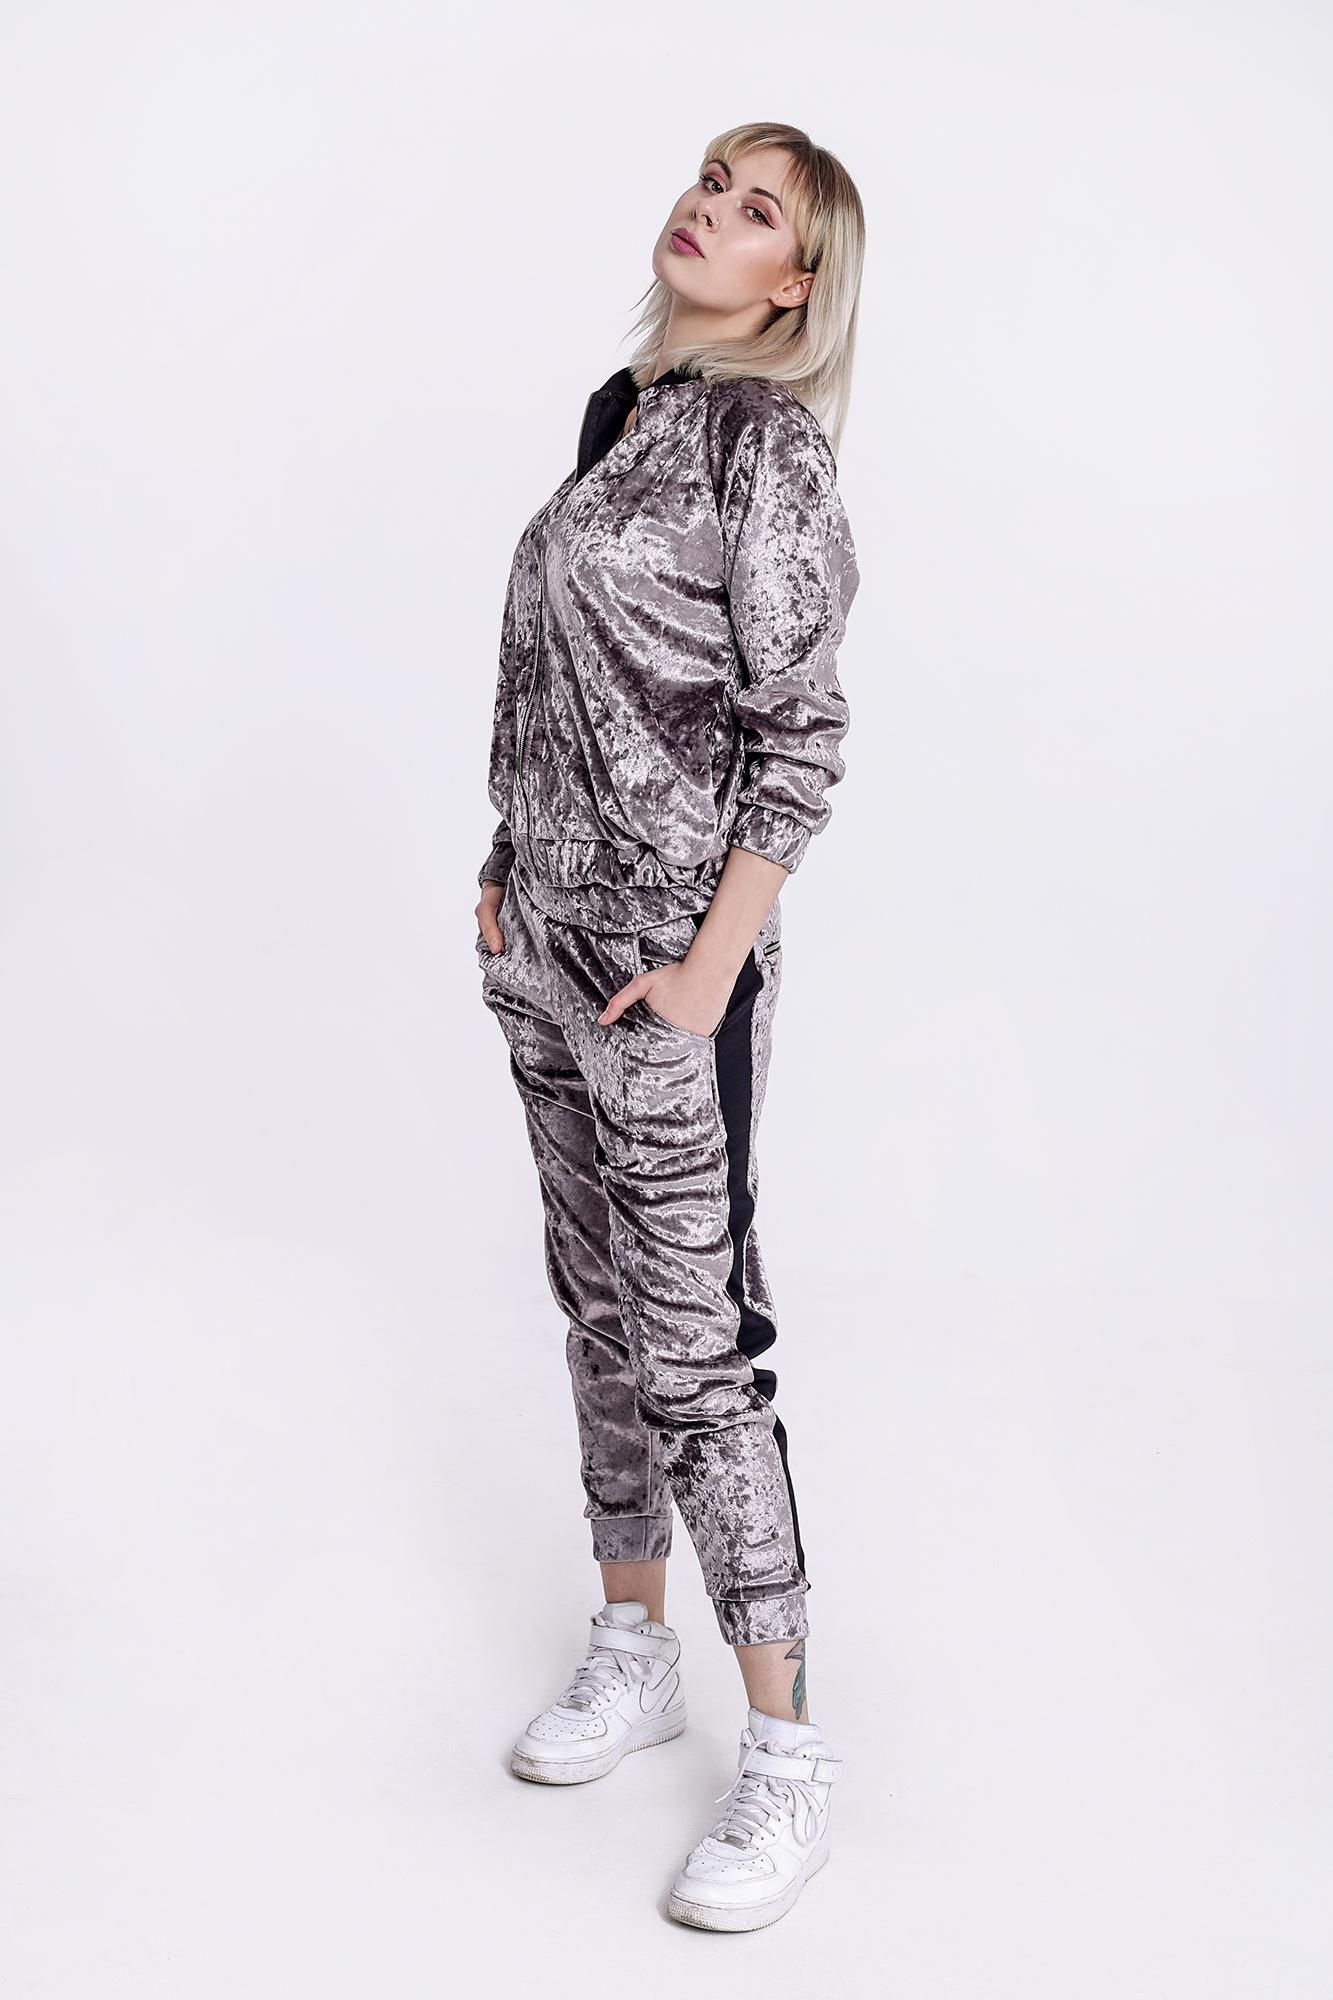 Bomberka i spodnie na pozór klasyczne, wykonane został z wysokogatunkowego weluru w kolorze srebrnym. Czarne wykończenia zmieniają typowy charakter kompletu i nadają mu wyrazistości.